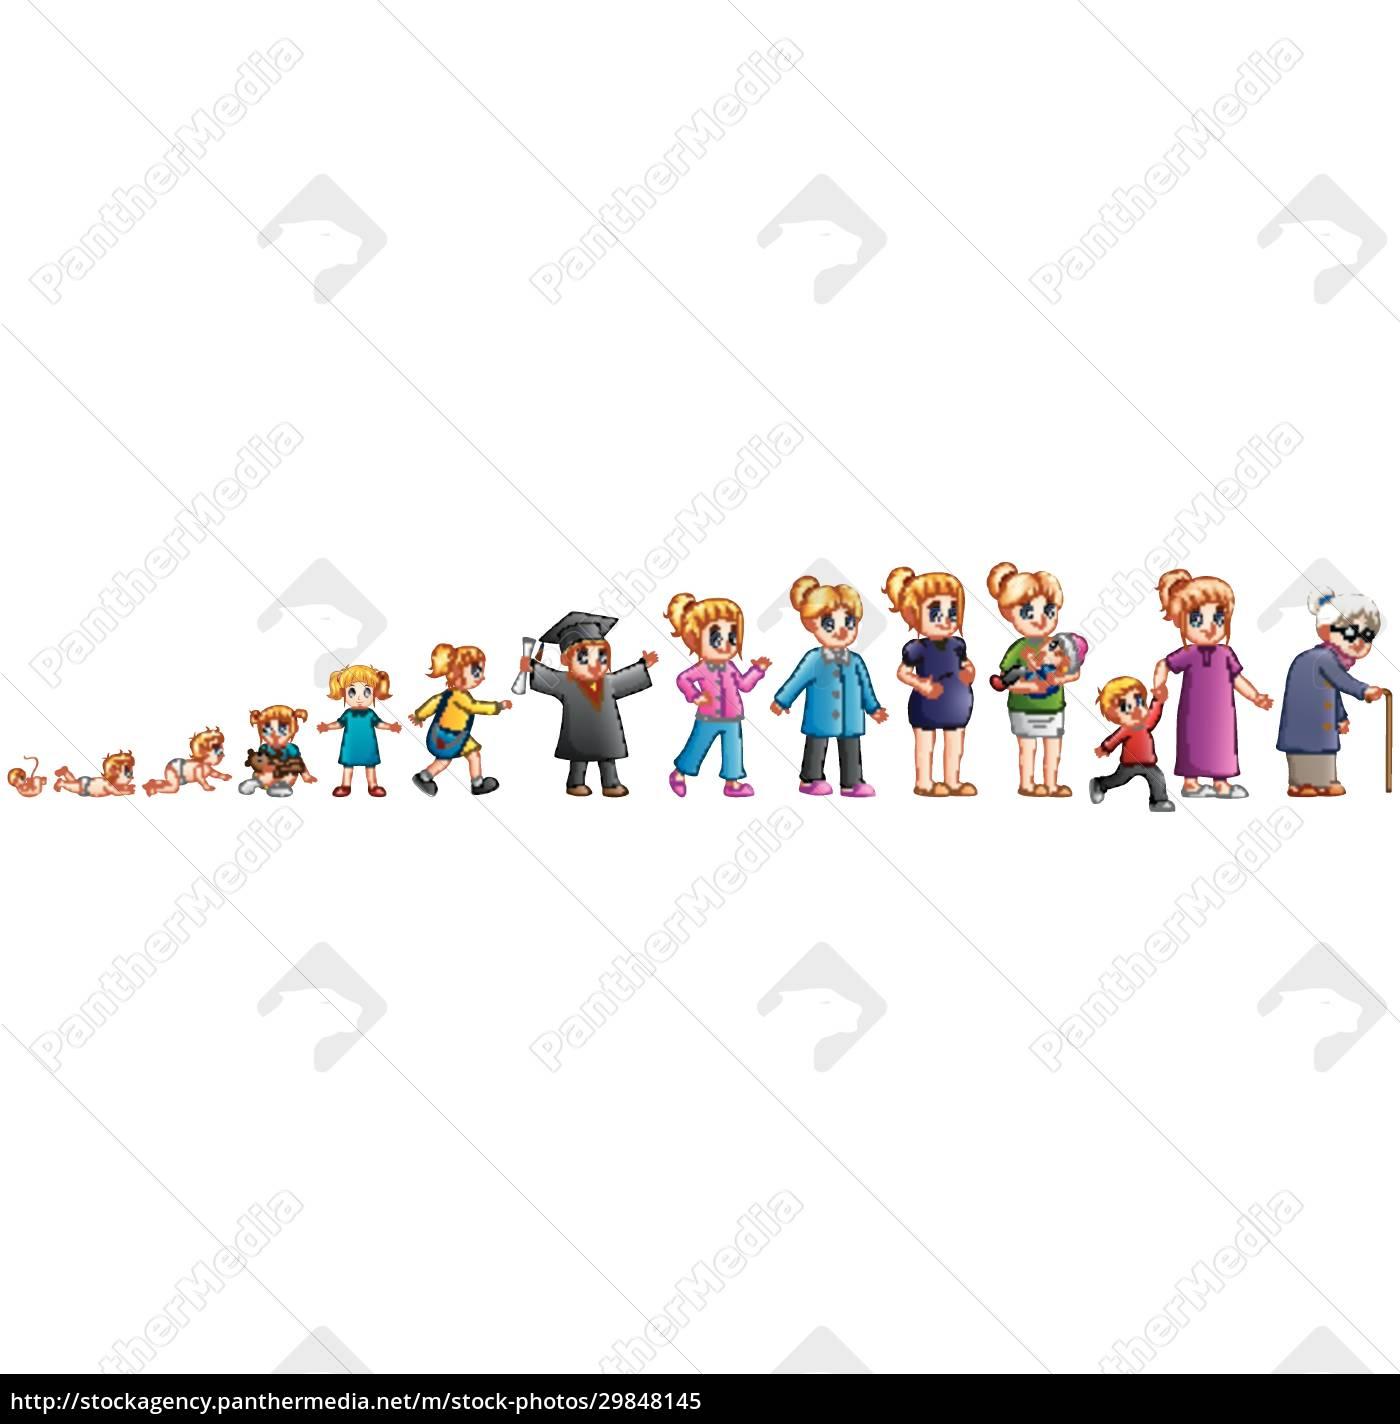 inny, etap, życia, kobiety, od, dziecka - 29848145